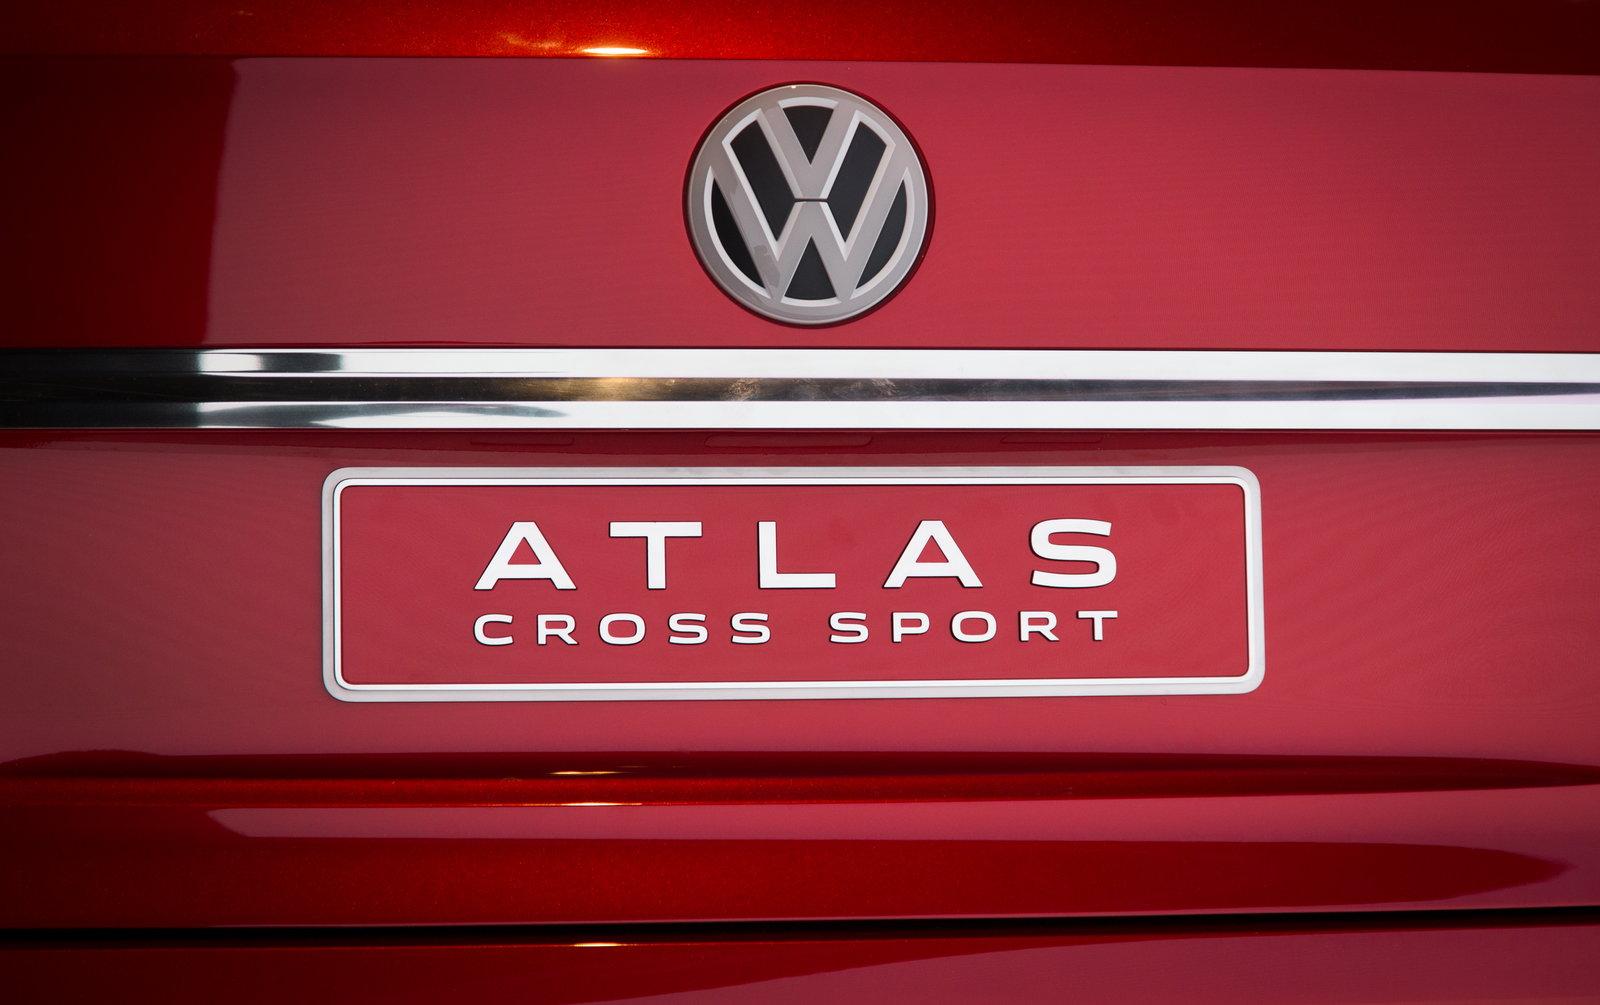 2019 Volkswagen Atlas Cross Sport: Preview, Pricing, Release Date